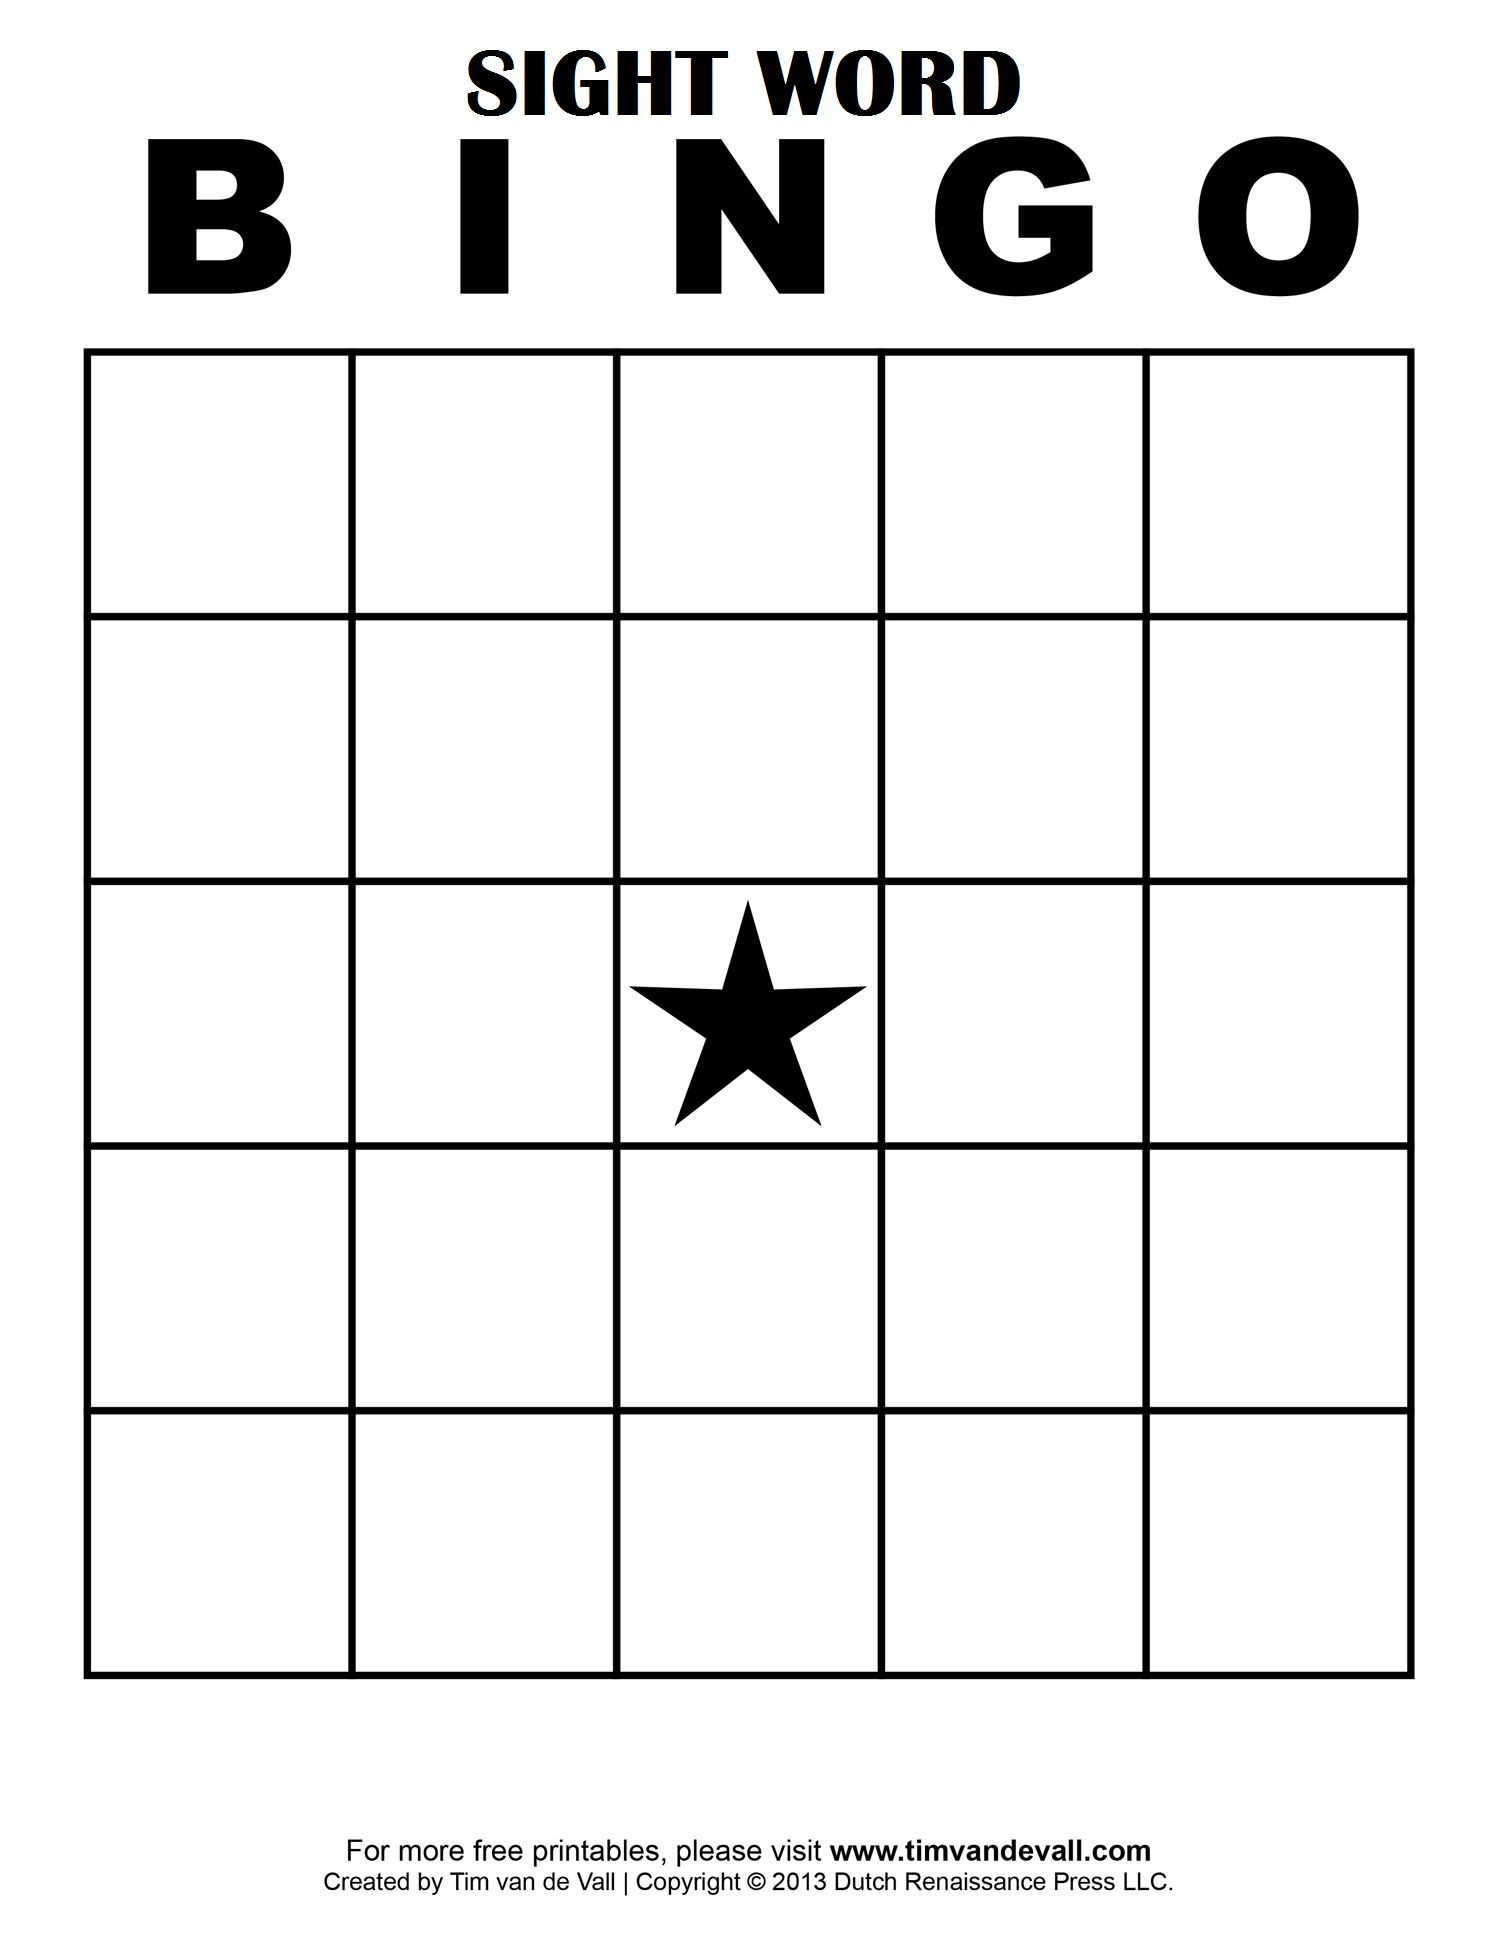 The Cool Sight Word Bingo